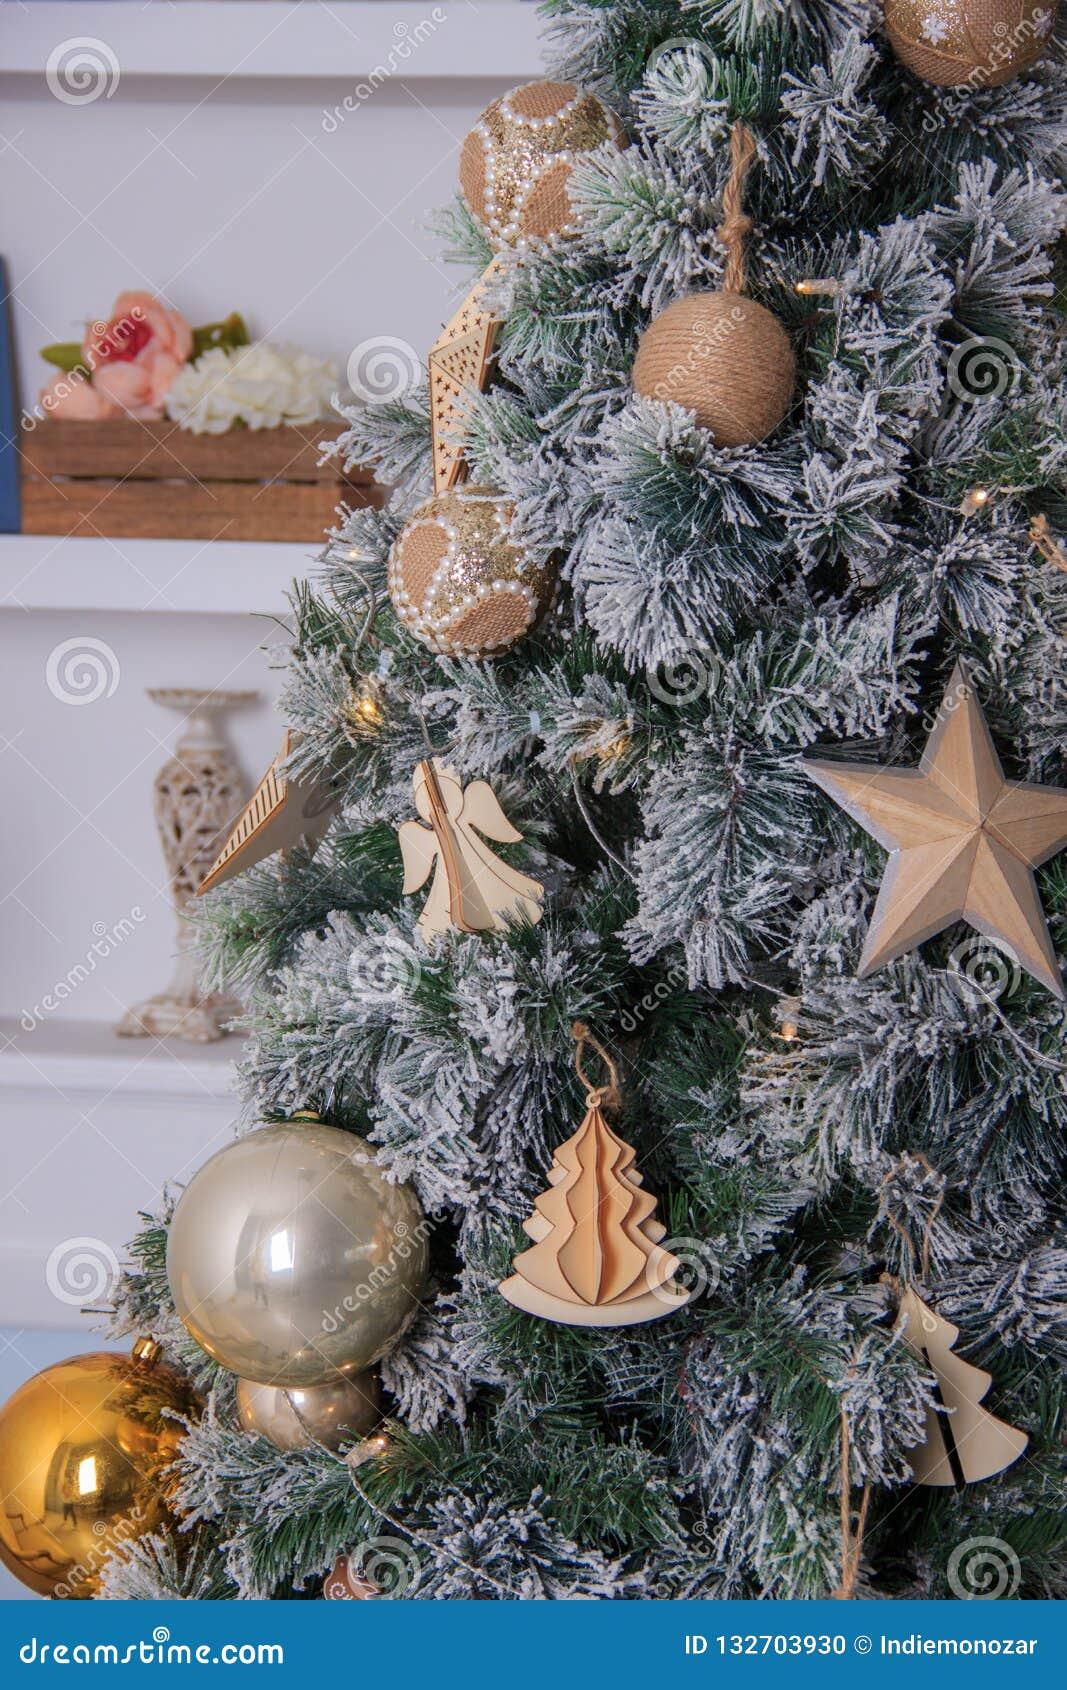 Предпосылка рождественской елки и украшения рождества в современном домашнем интерьере